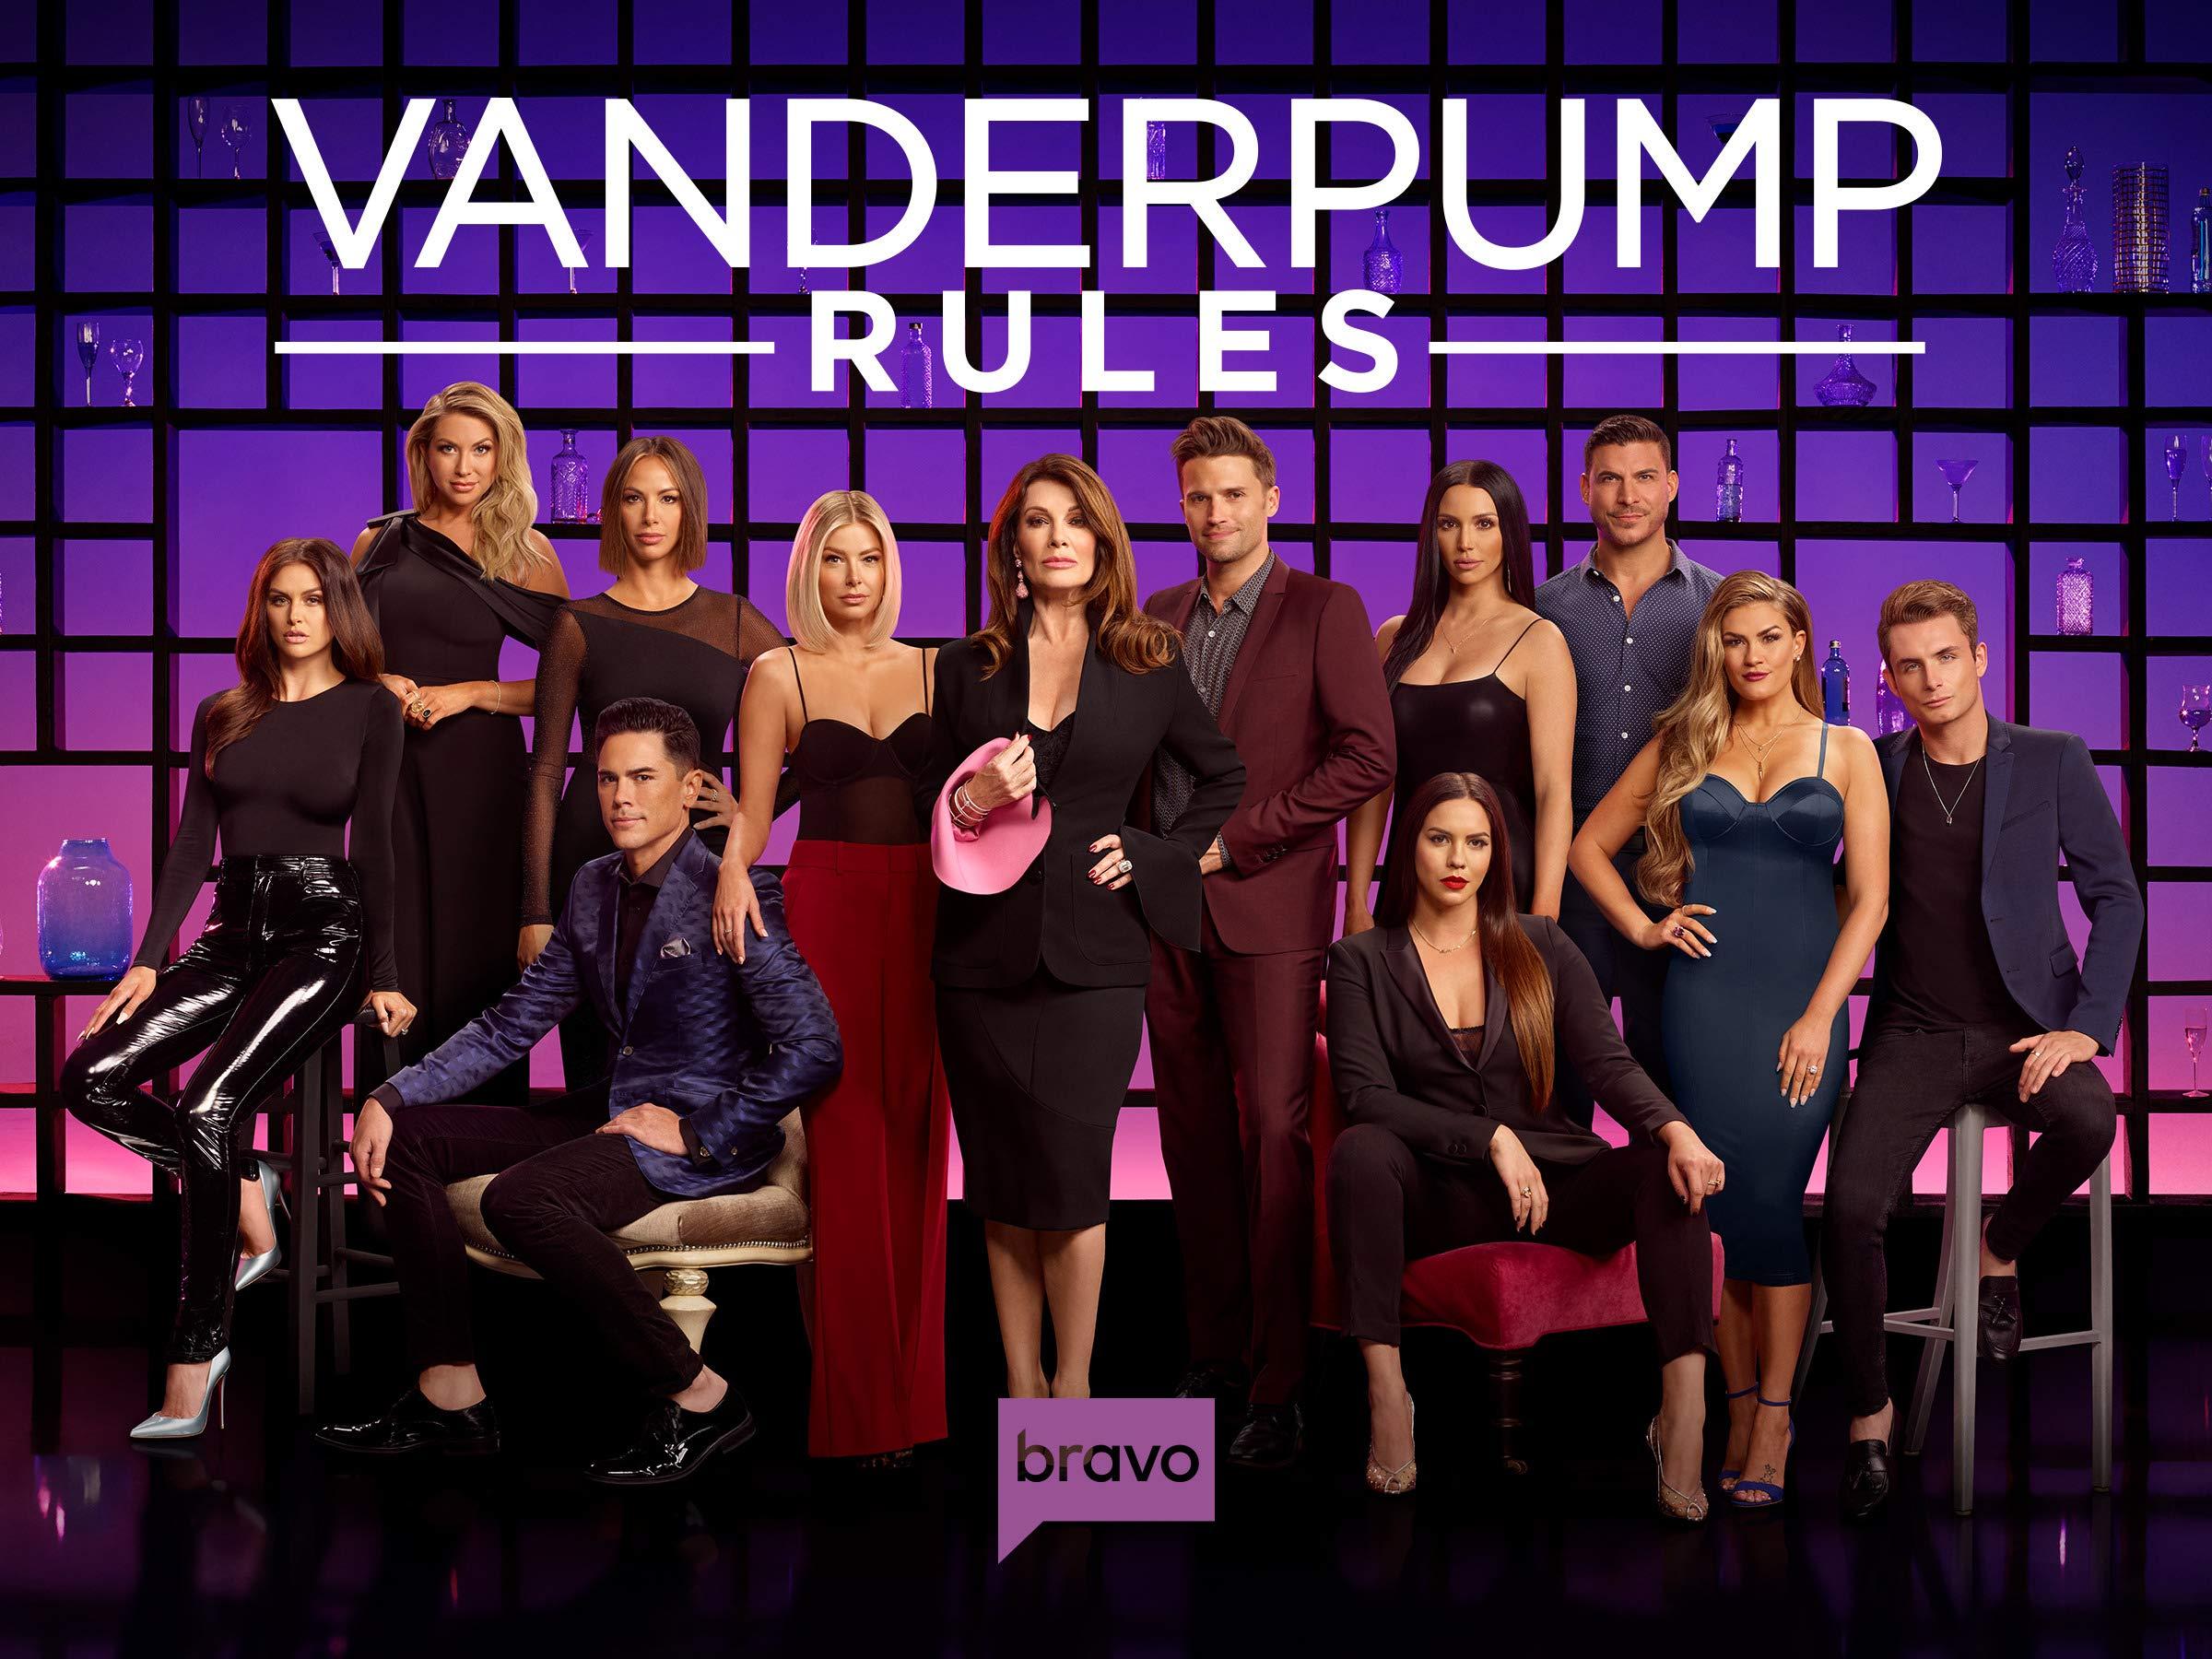 Vanderpump Rules Season 8 Episode 17